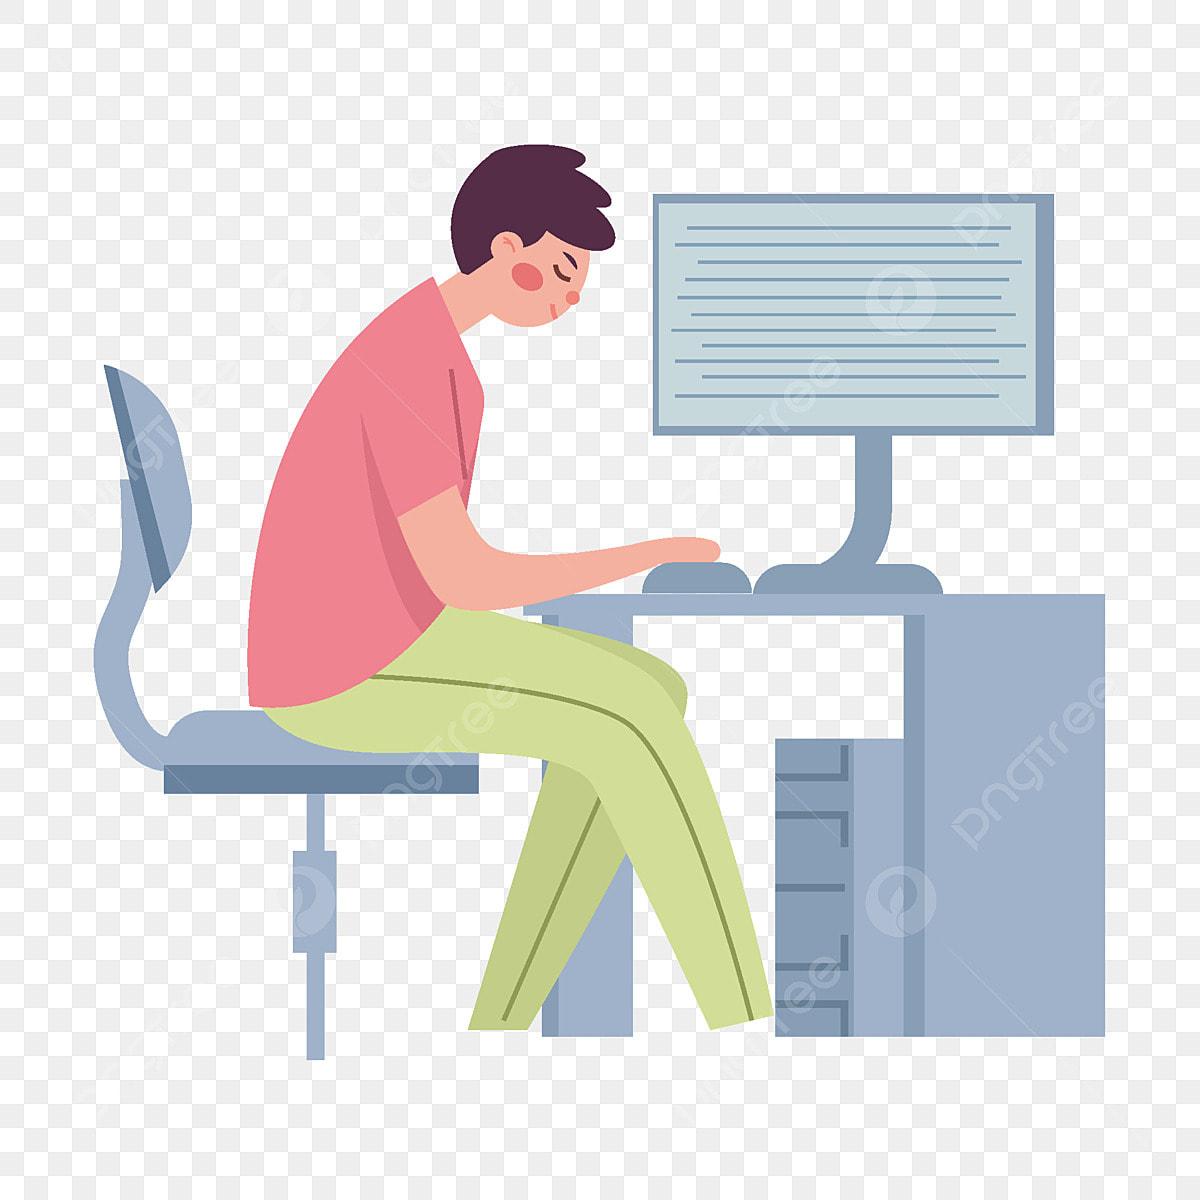 Budak Kartun Bekerja Di Komputer Bersebelahan Dengan Unsur